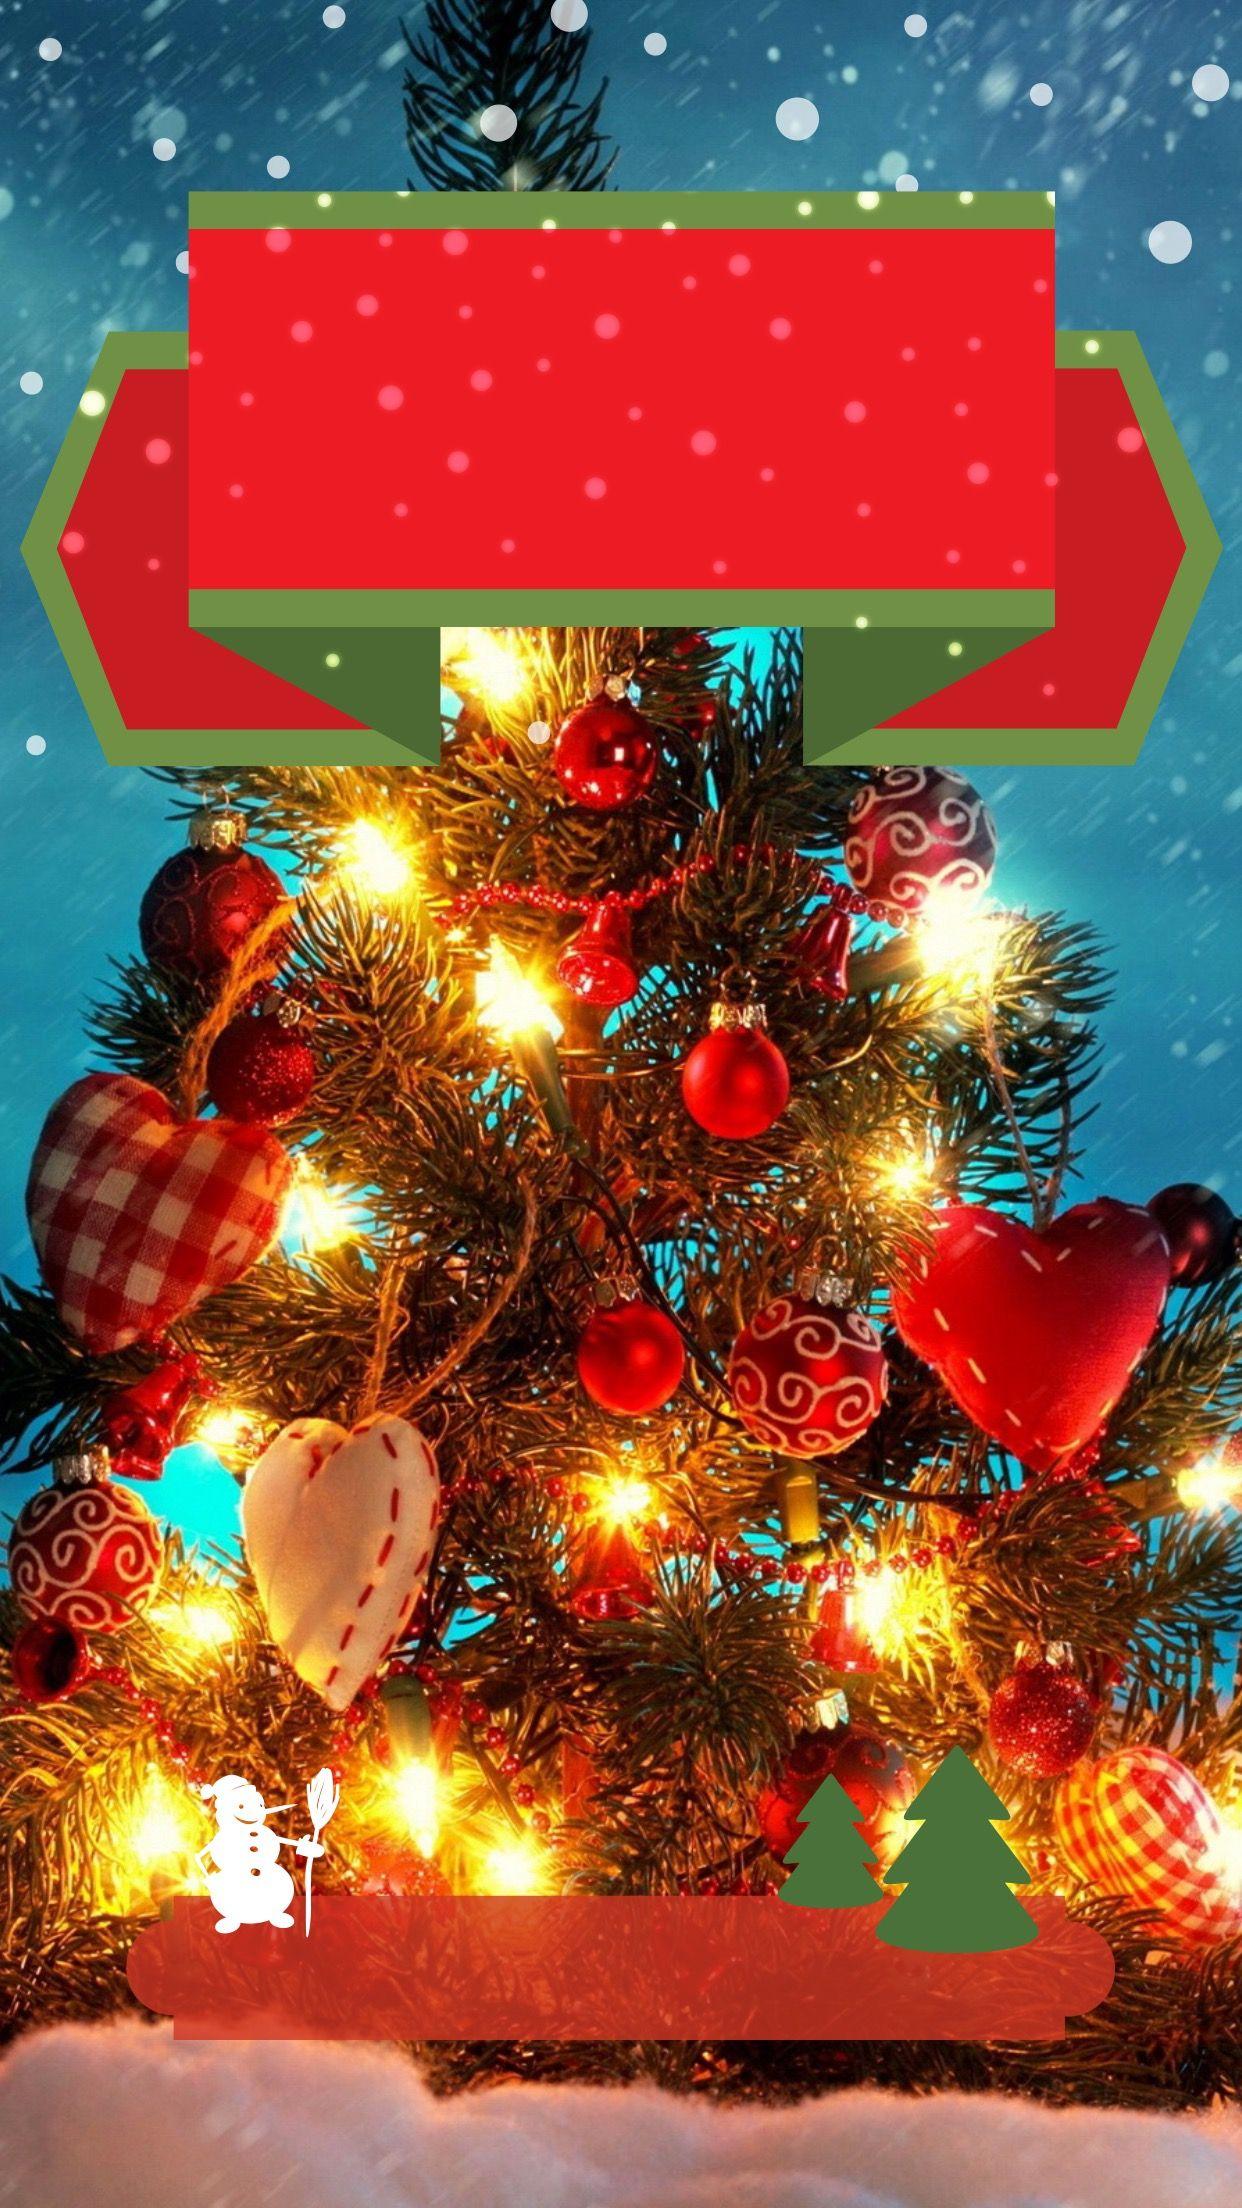 Tap And Get The Free App Lockscreens Art Creative Holiday Happy Christmas Presents Tree Sta Weihnachtshintergrund Hintergrundbilder Iphone Hintergrundbilder Iphone 6 lock screen iphone 6 christmas